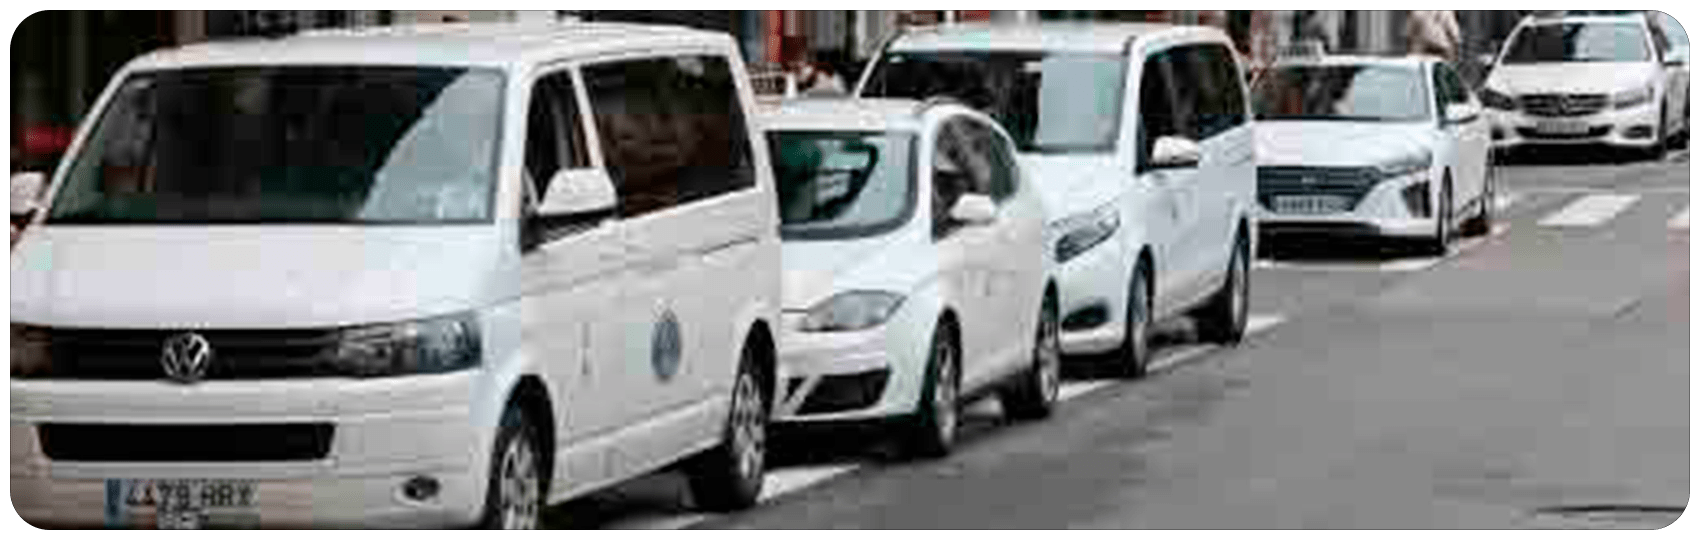 Noticias del Taxi en Avilés